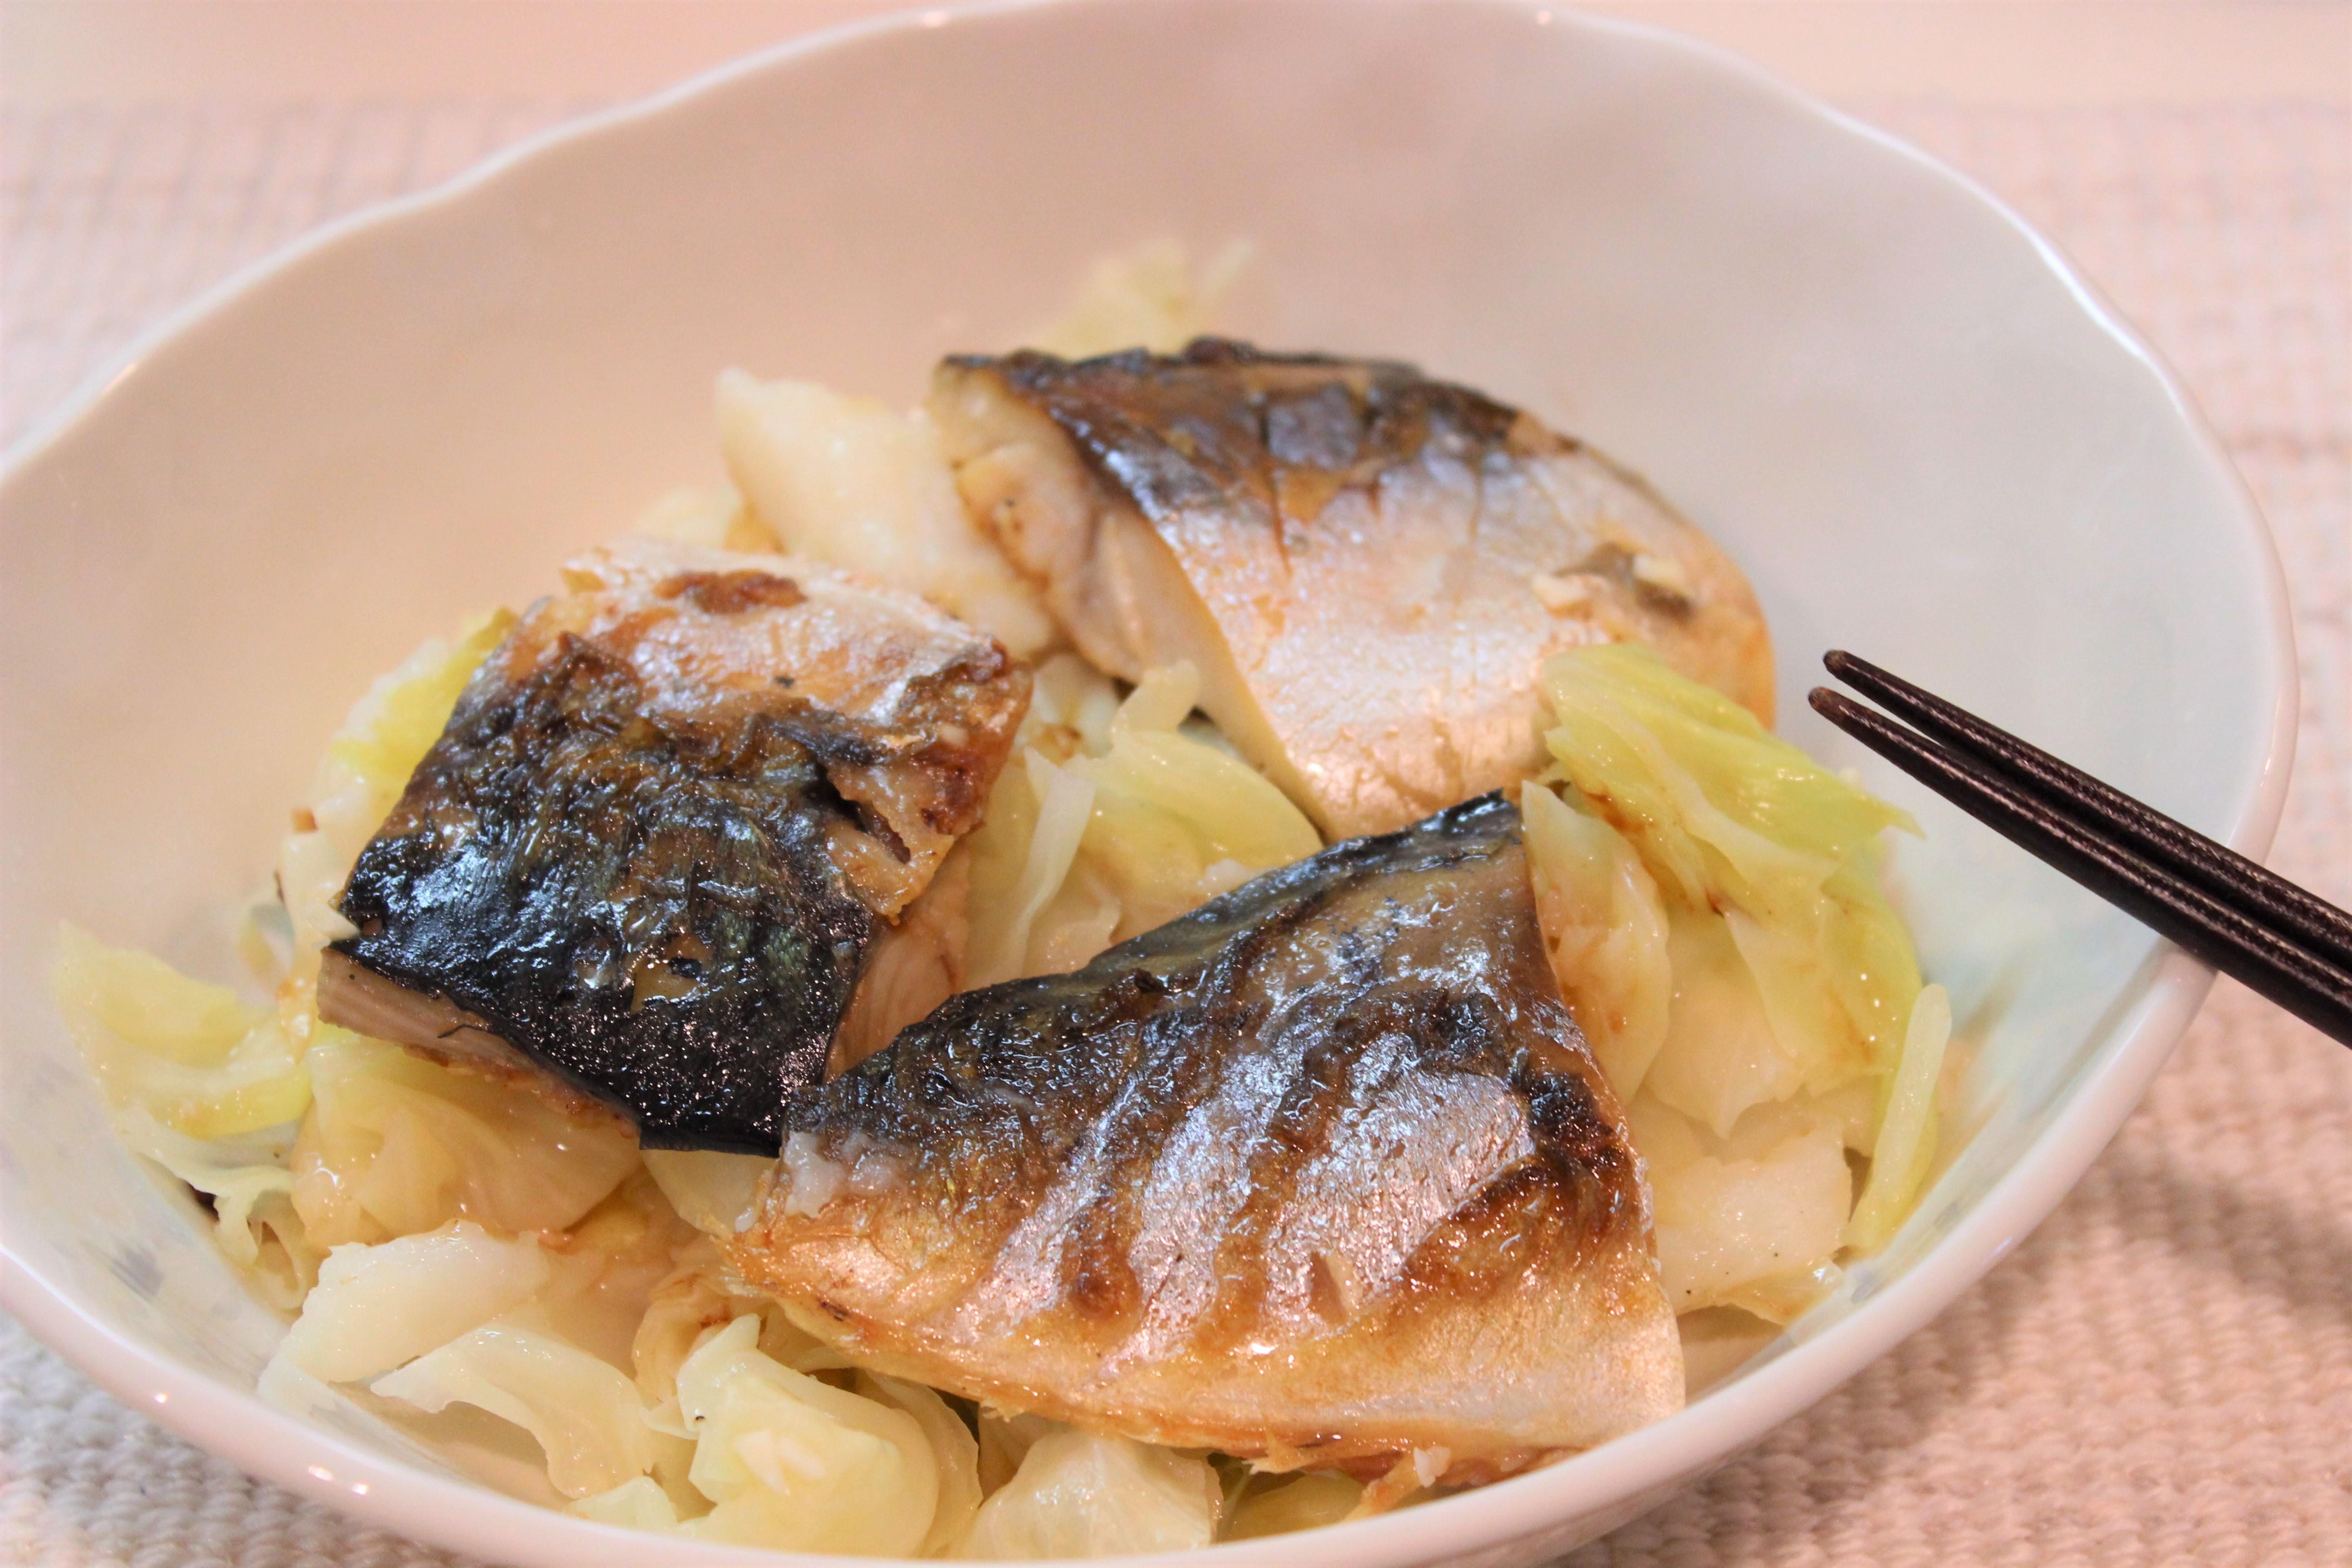 にんにく風味で食がすすむ! 野菜たっぷり栄養満点「さばと長芋の塩煮」